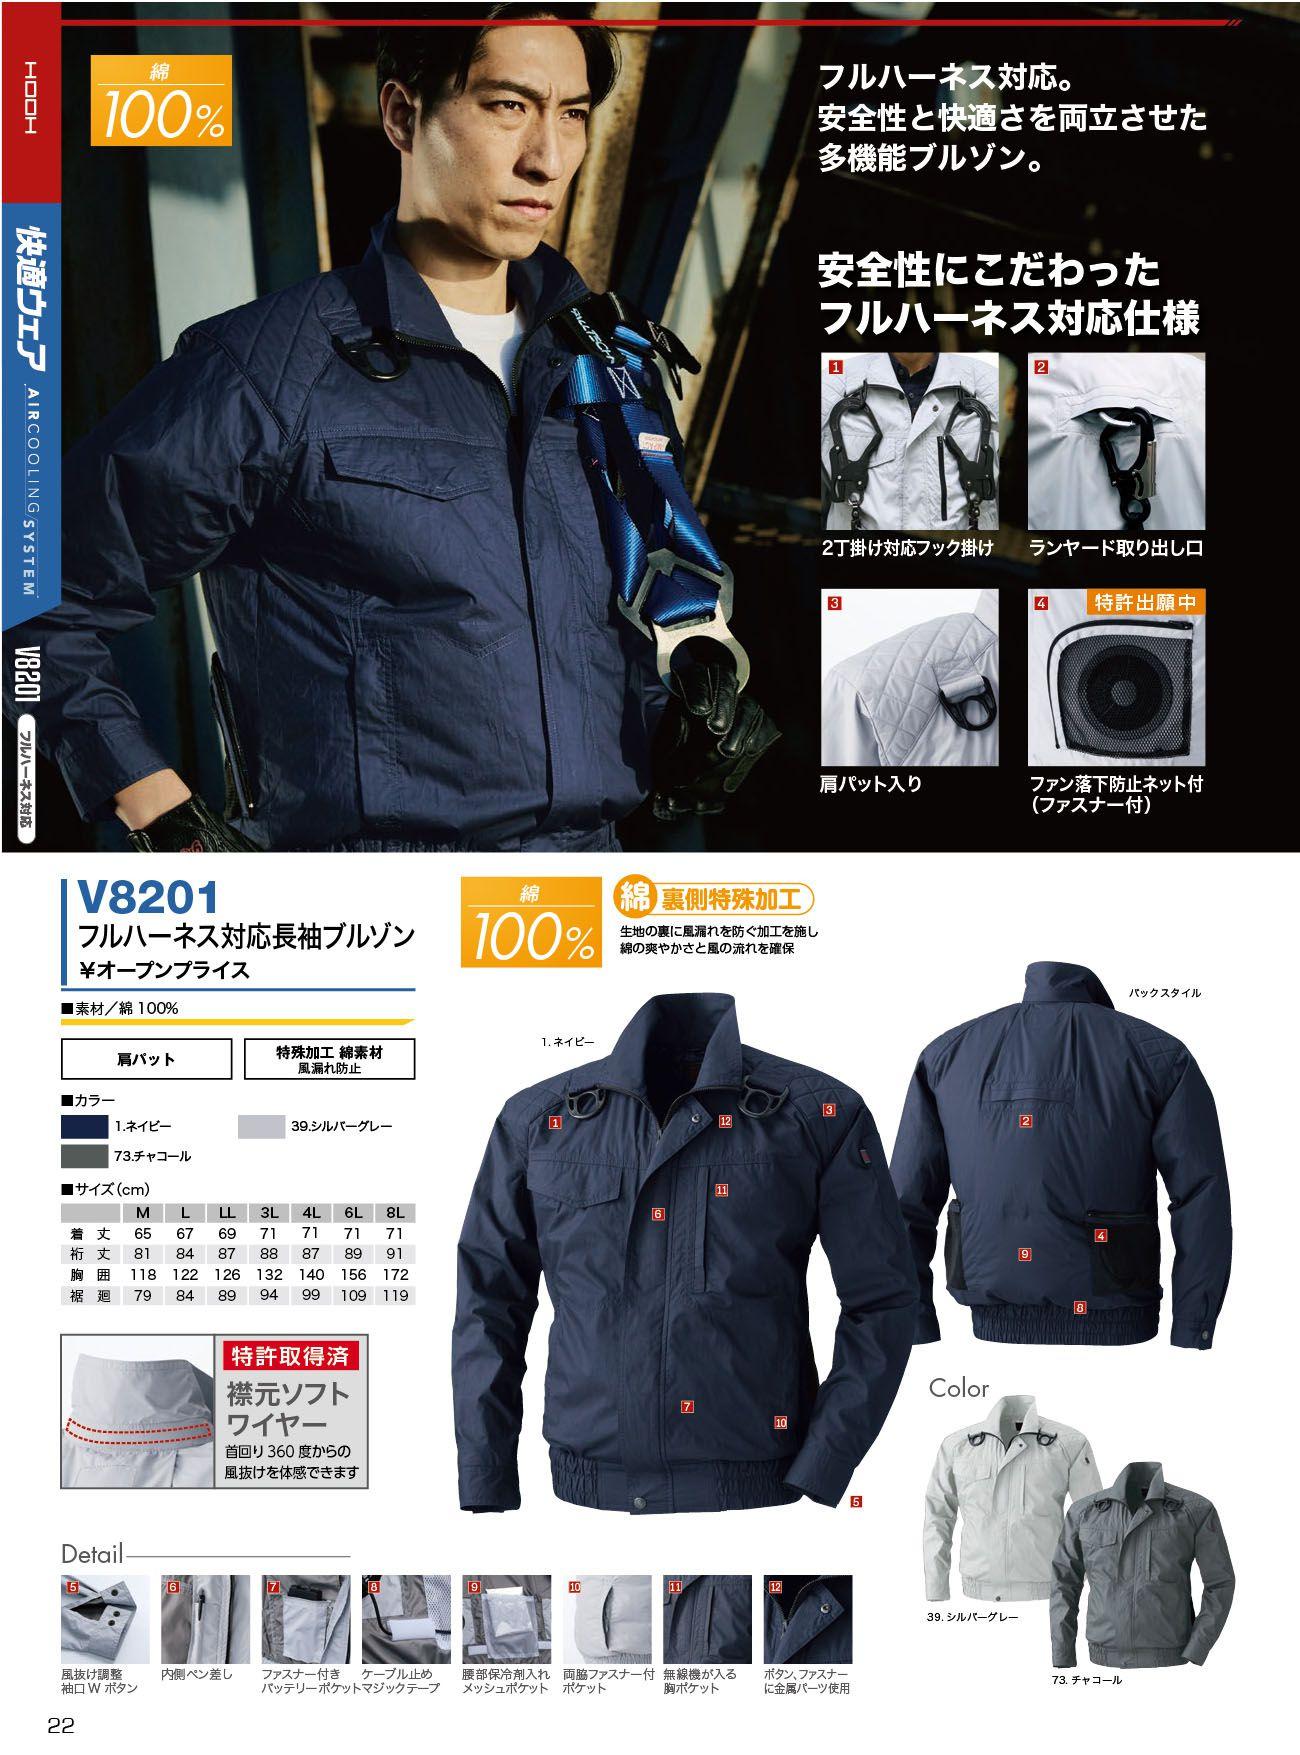 V8201フルハーネス対応長袖ブルゾン空調ファン服